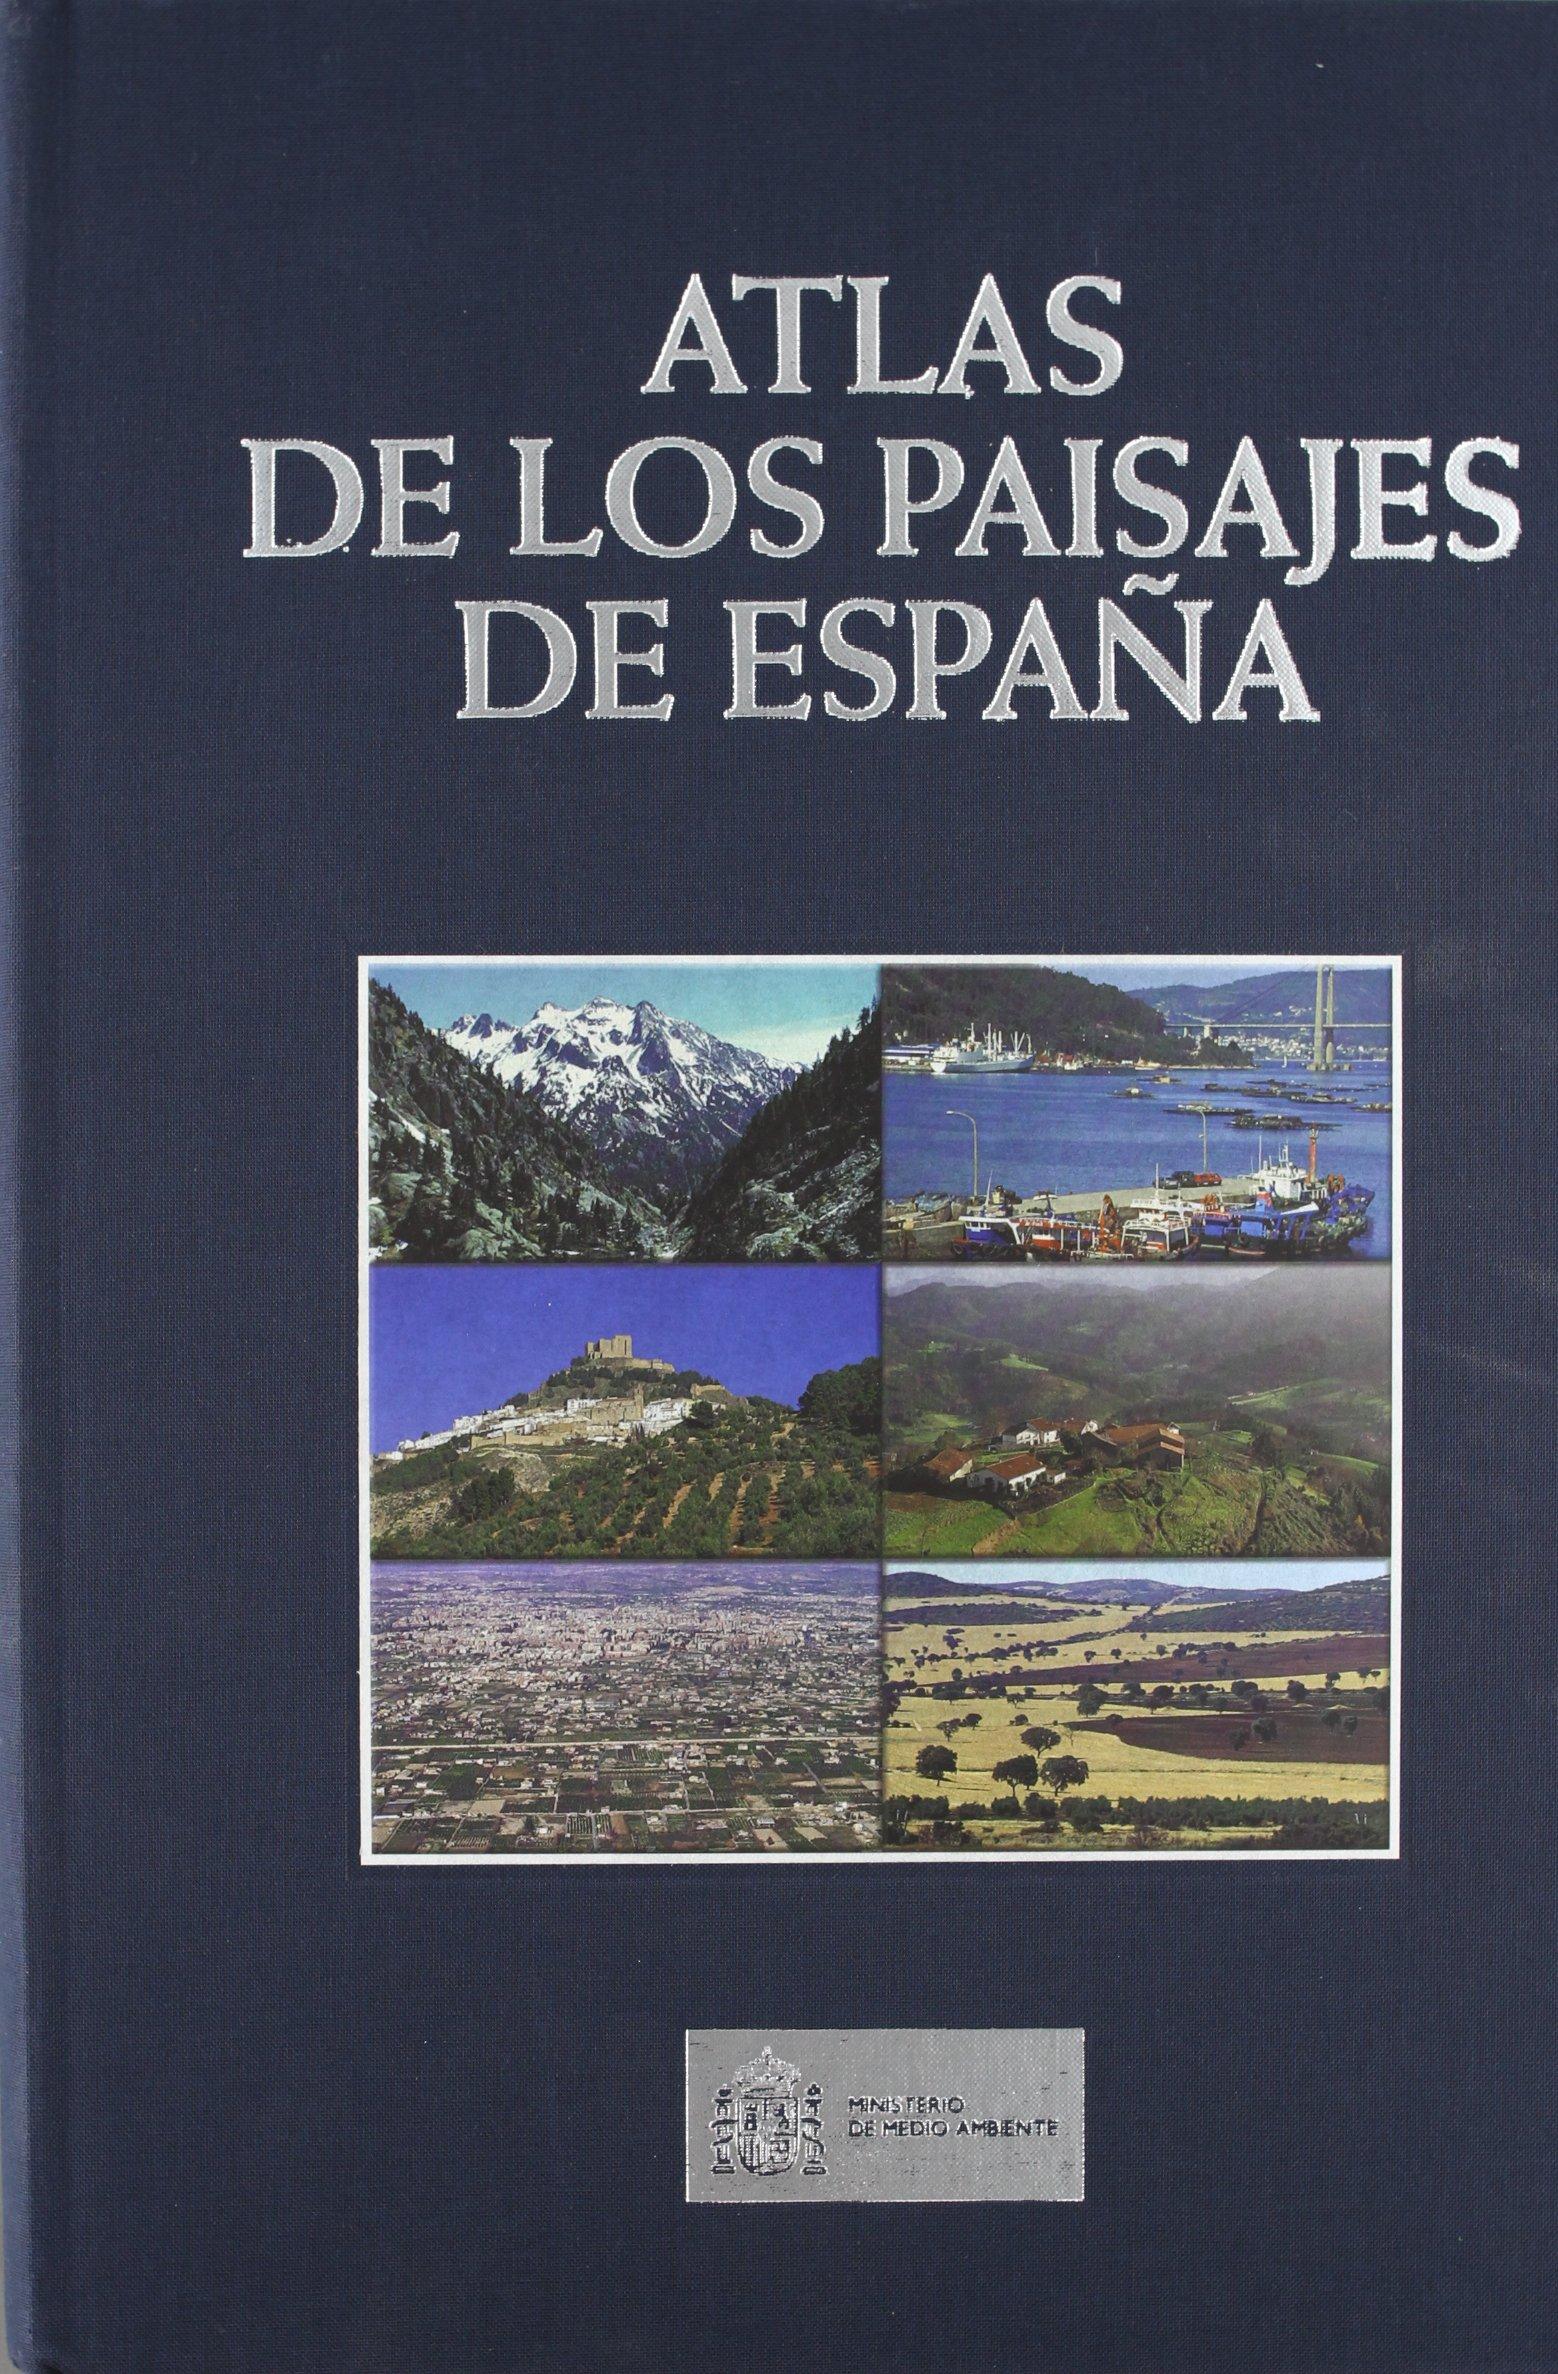 Atlas de los paisajes de España: Amazon.es: Libros